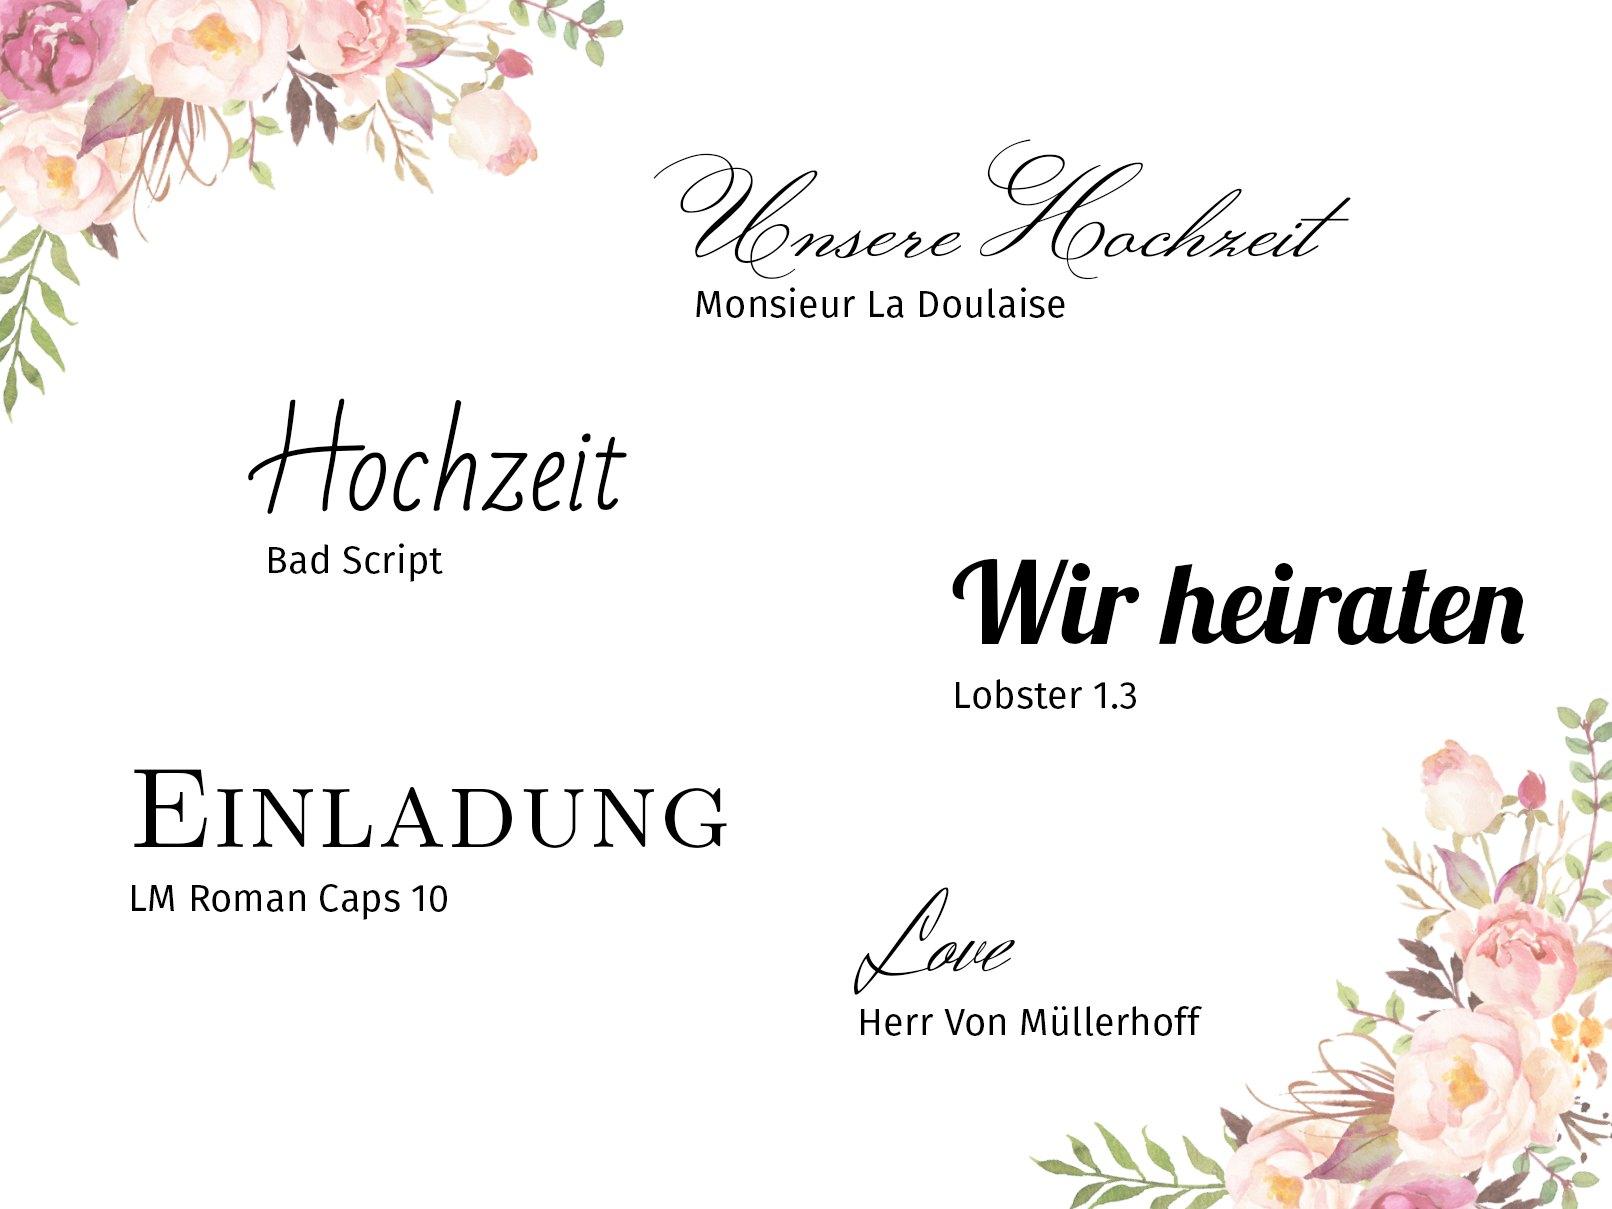 Schön Romantisch, Modern, Vintage   Diese Schriftarten Sehen Toll In Der Einladung  Aus.